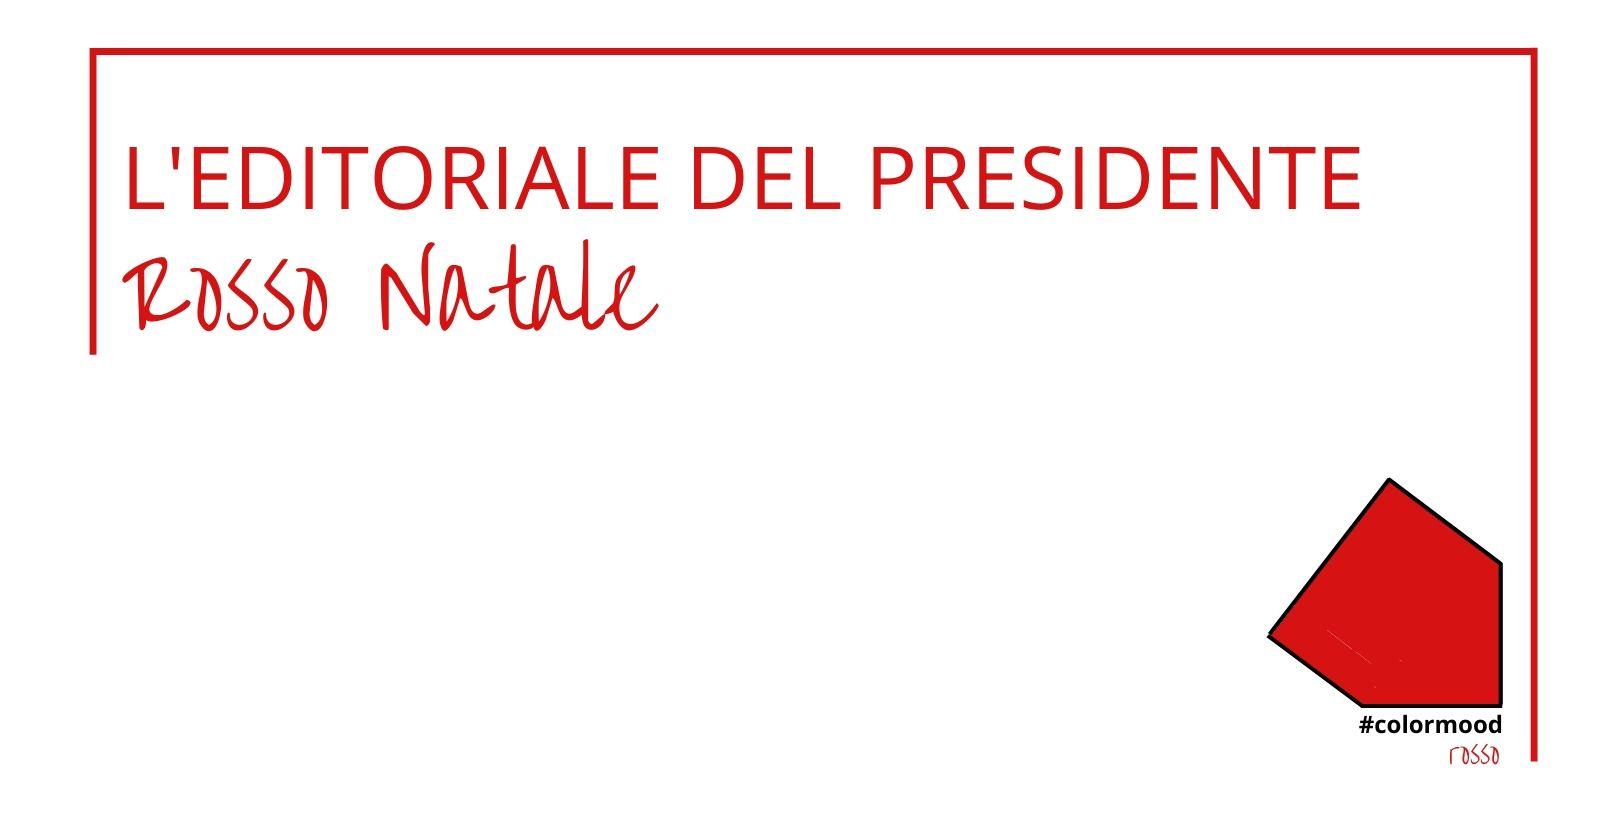 editoriale rosso natale